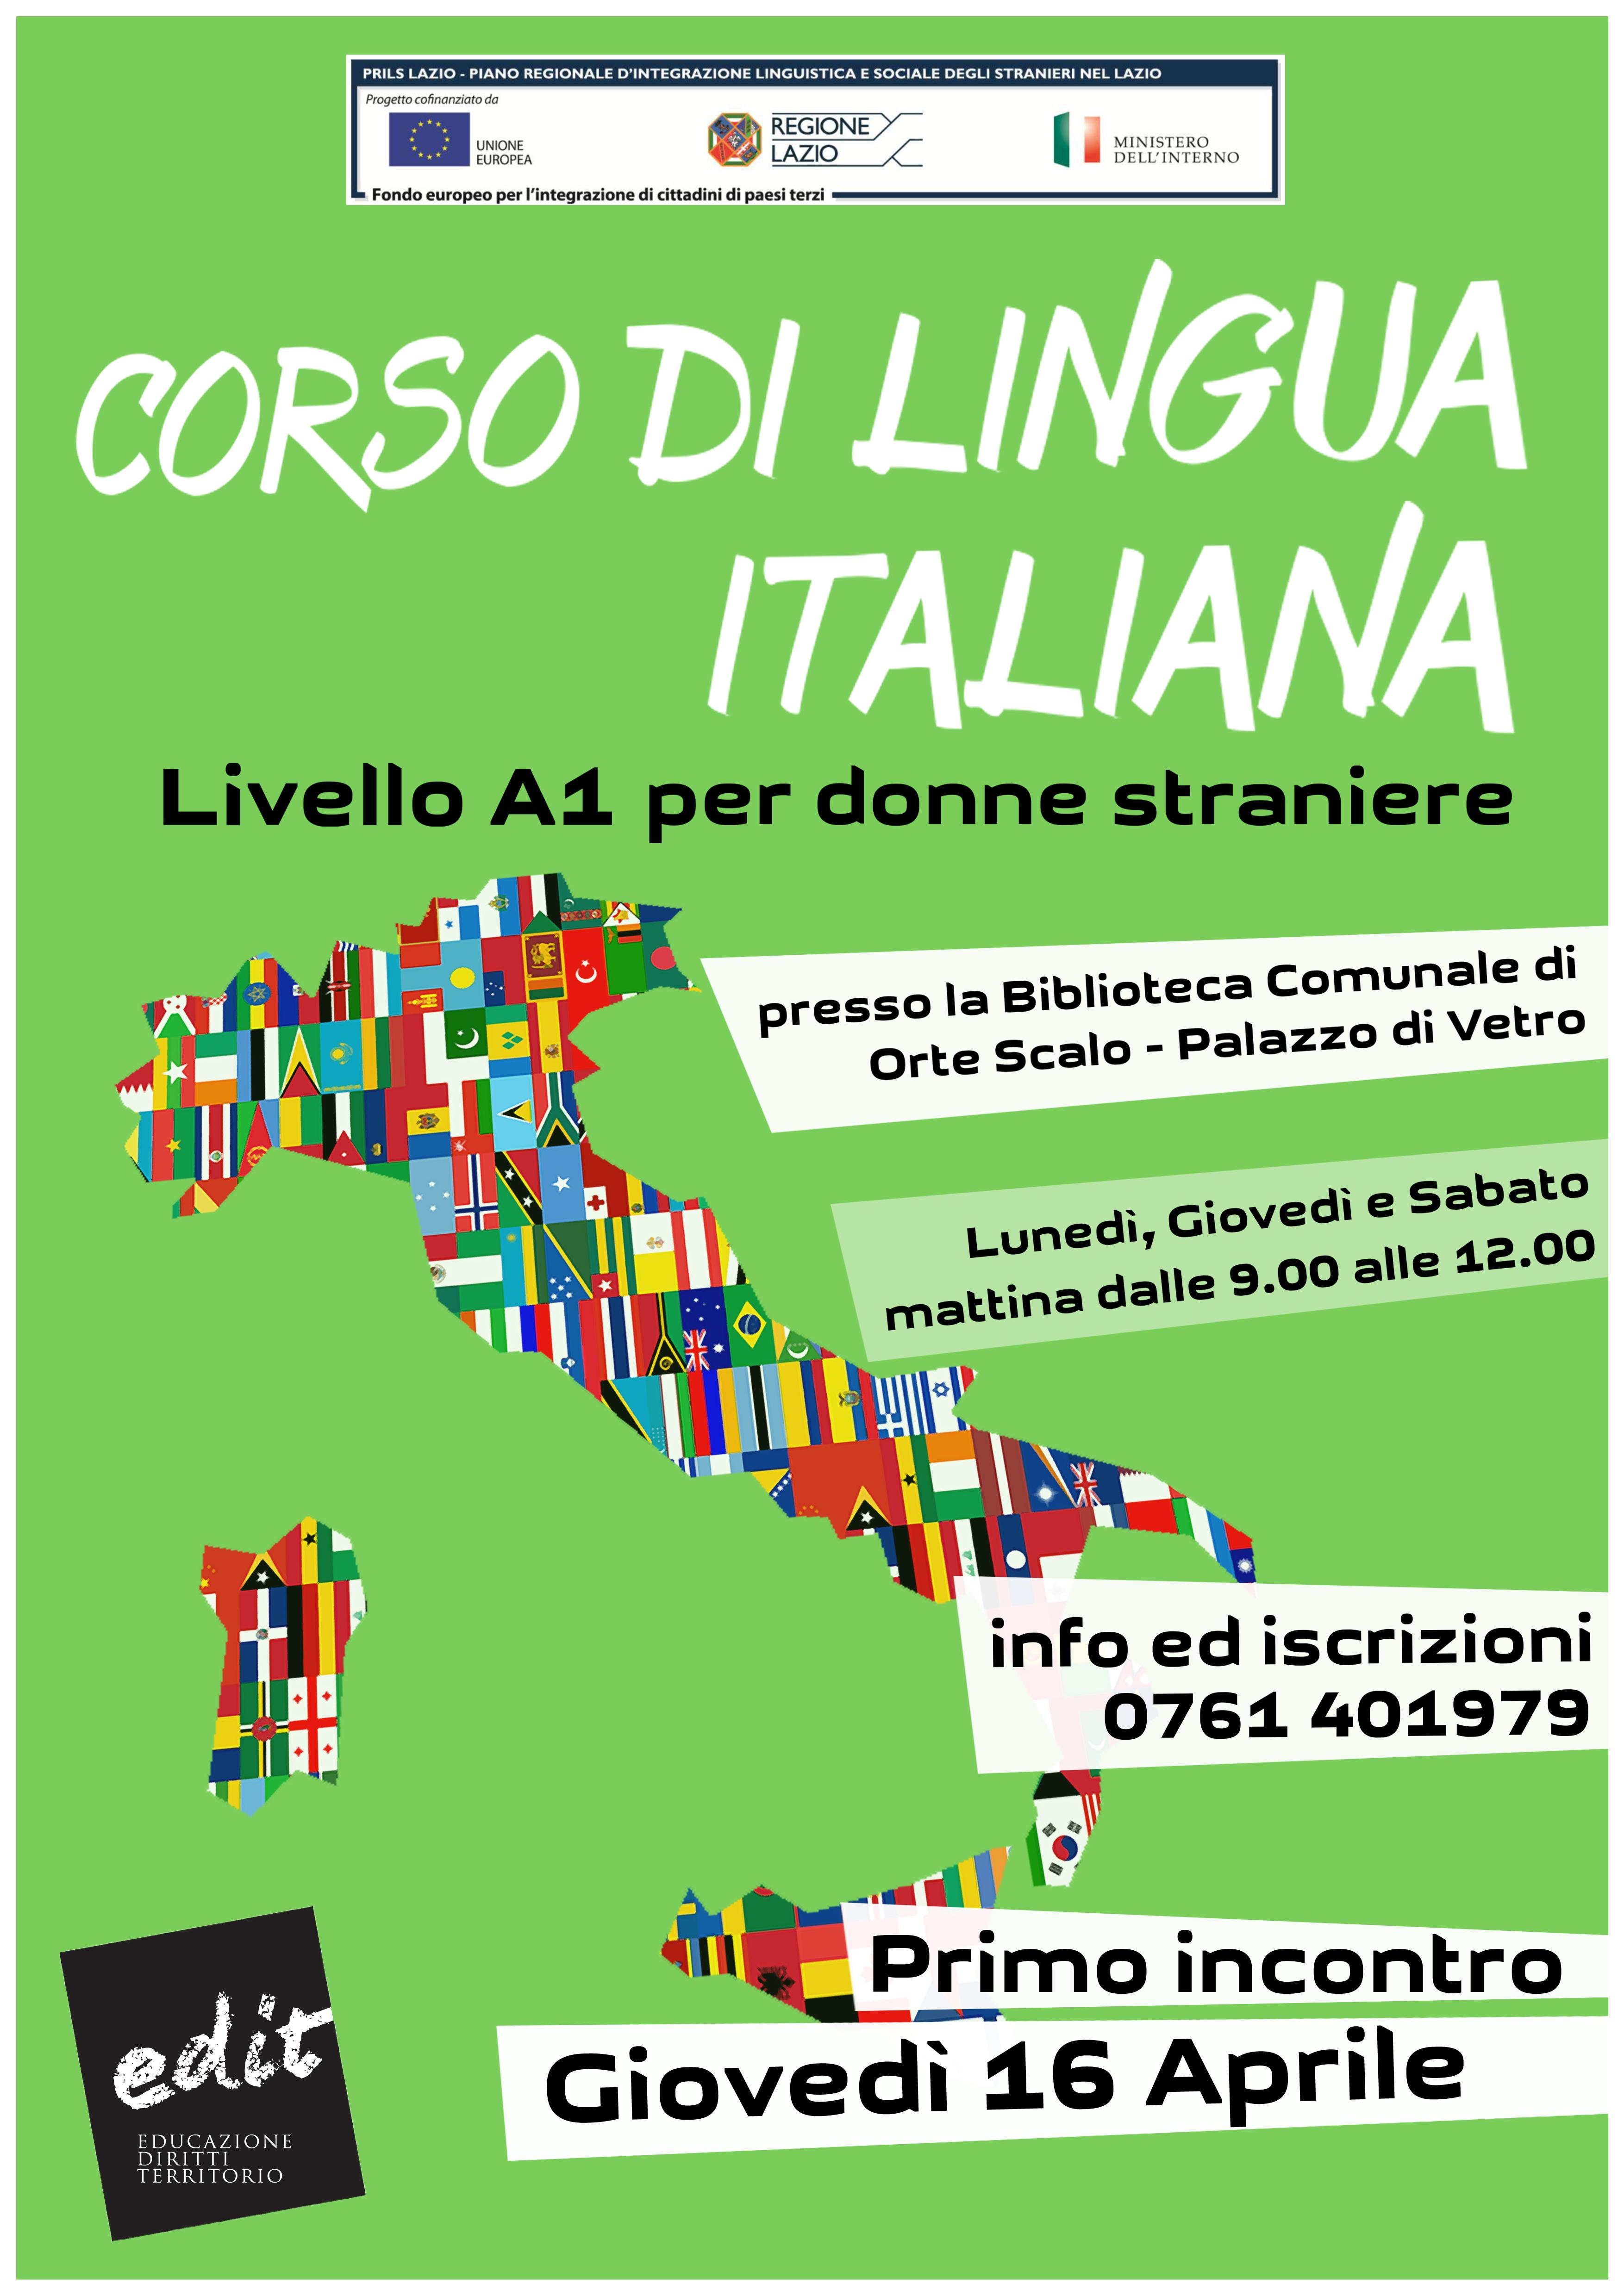 Test A2 Lingua Italiana | EDIT - Educazione, Diritti e Territorio ...